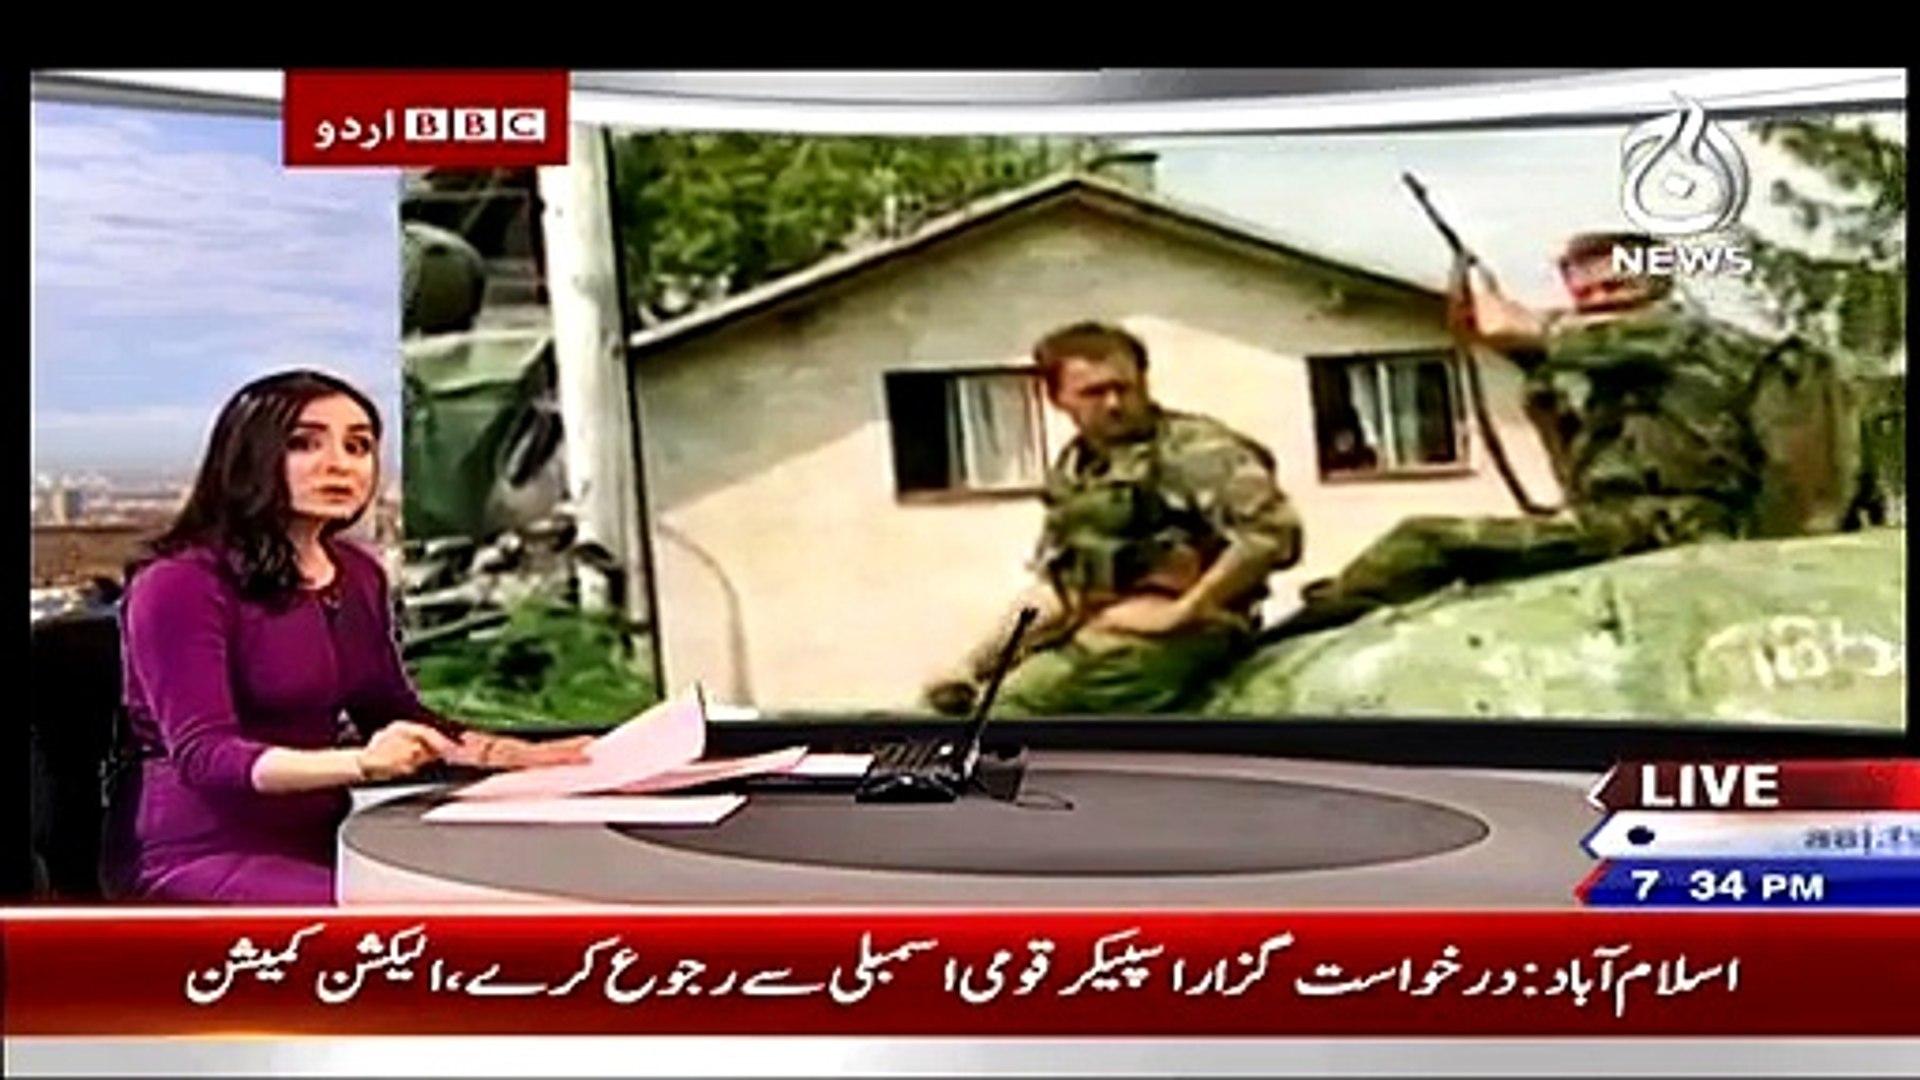 Bbc Urdu Sairbeen On Aaj News – 3rd February 2015 ~ Pakistani talk shows ~ Live Pak News